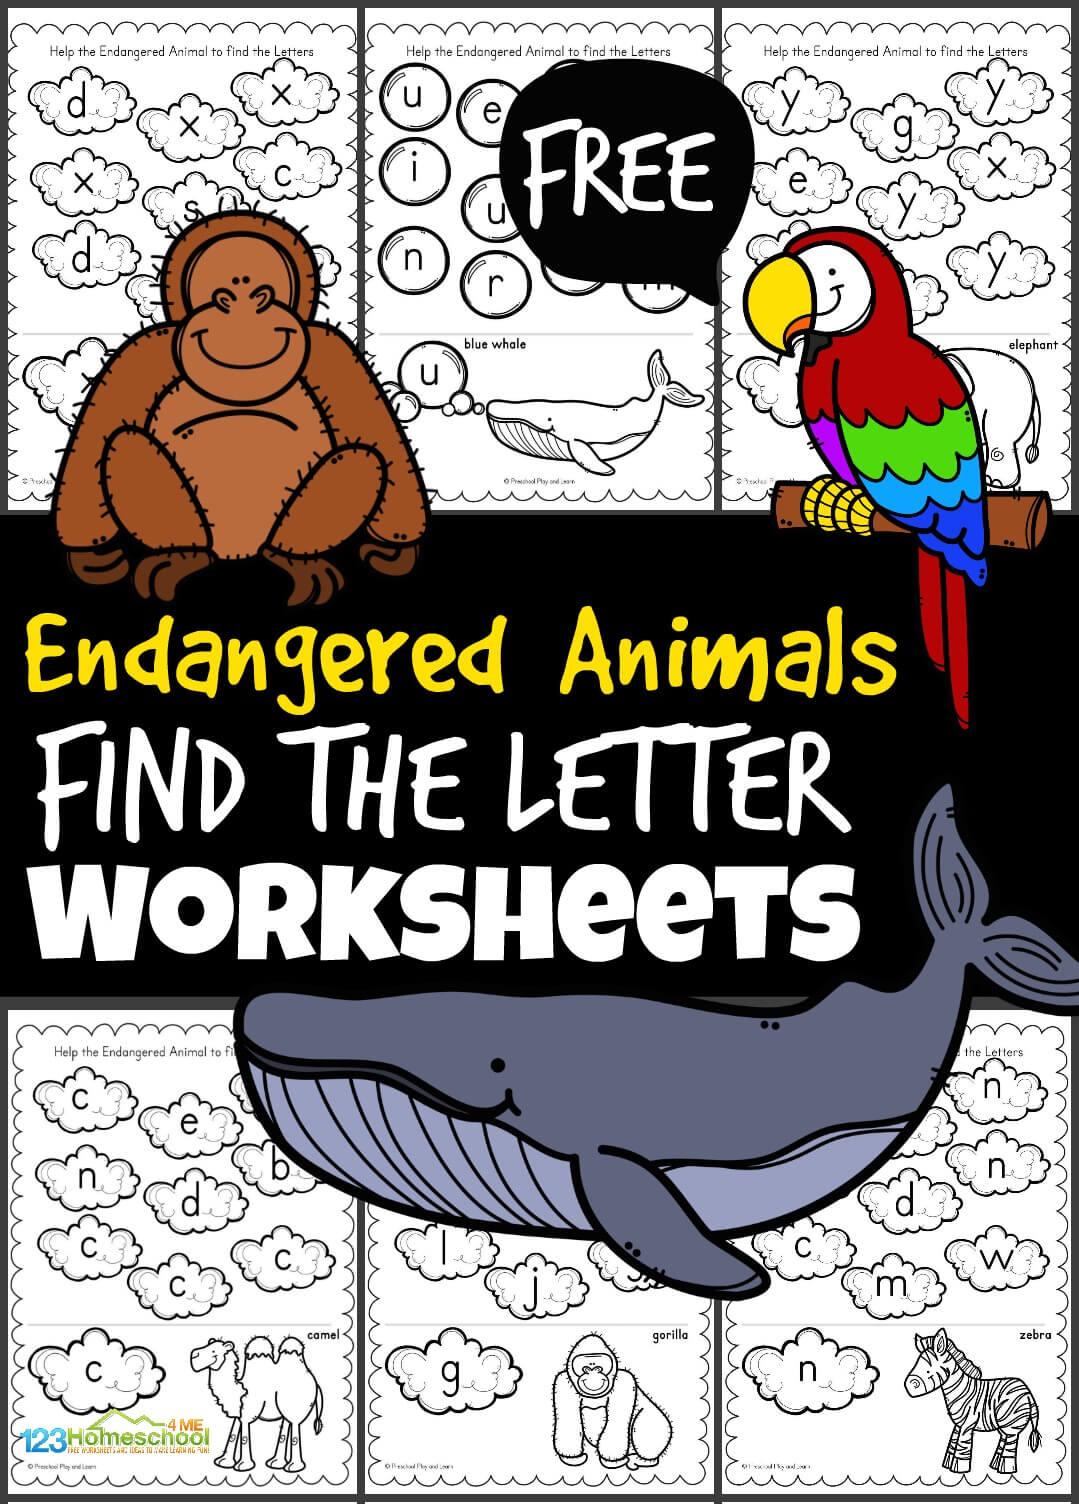 Free Endangered Animals Find The Letter Worksheets